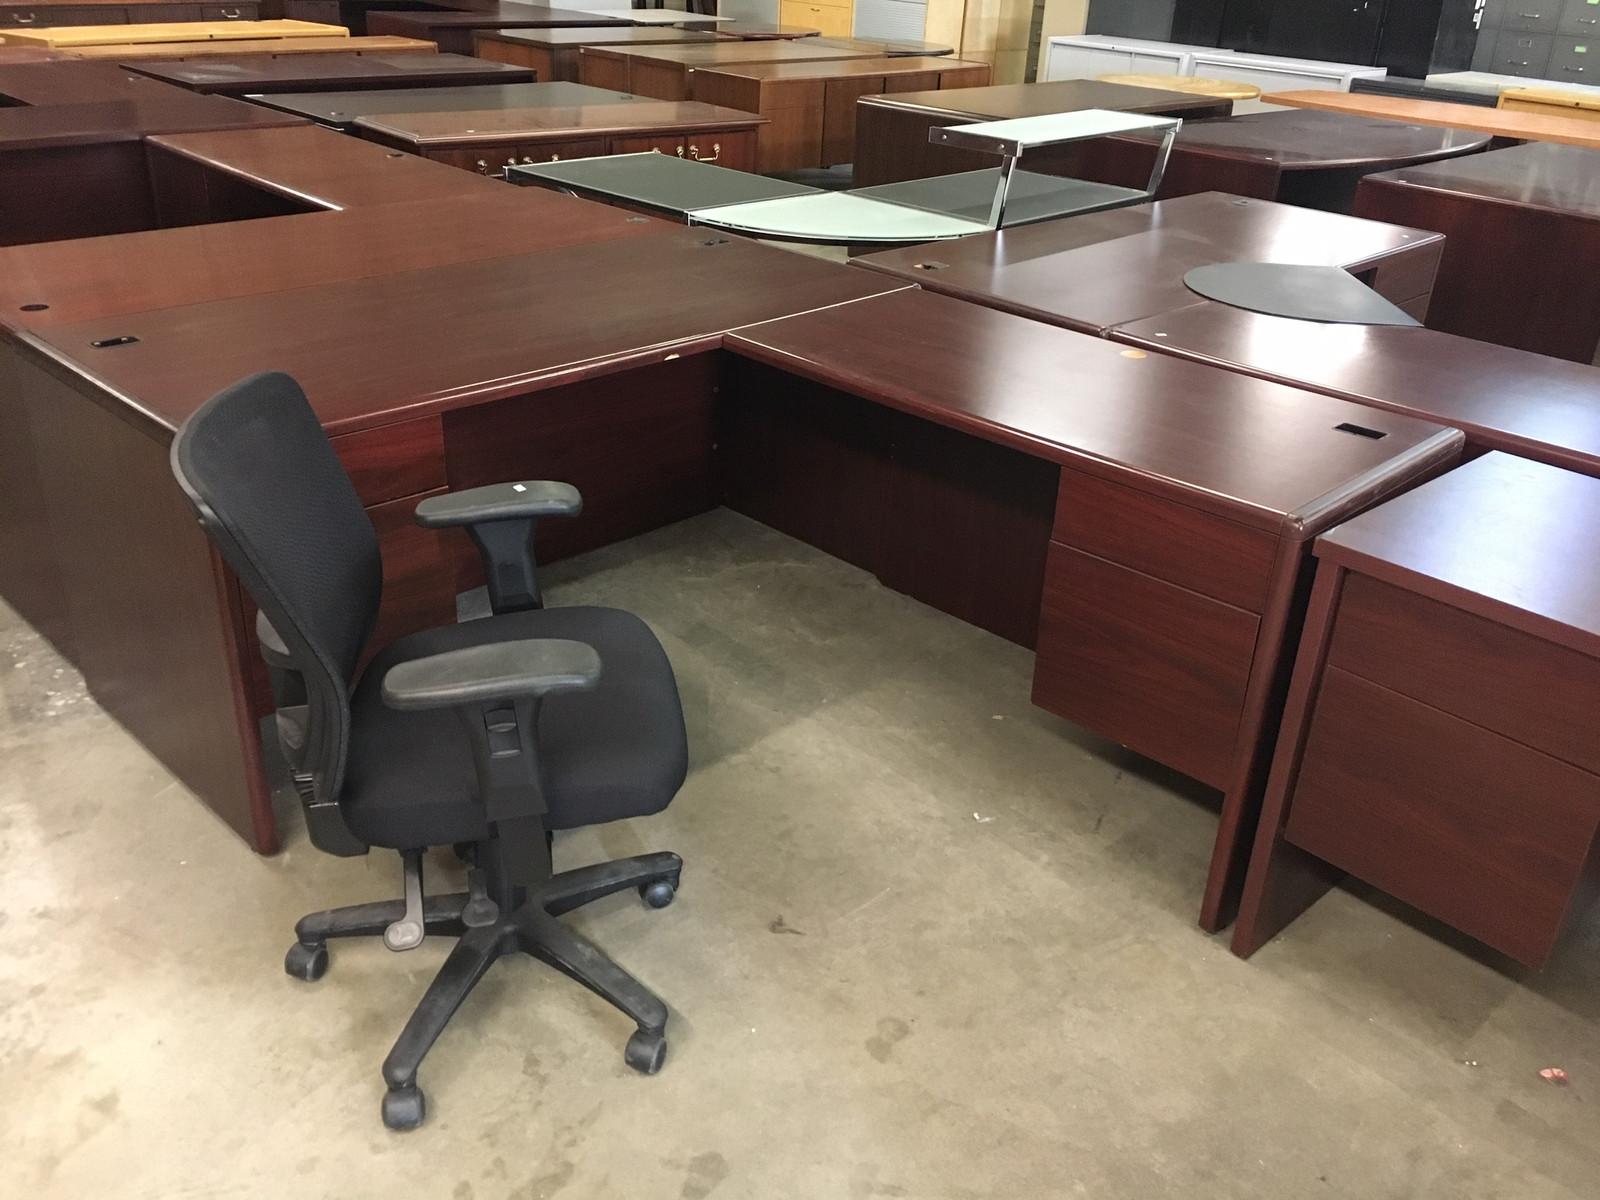 officefurnituresouth pre owned desks. Black Bedroom Furniture Sets. Home Design Ideas